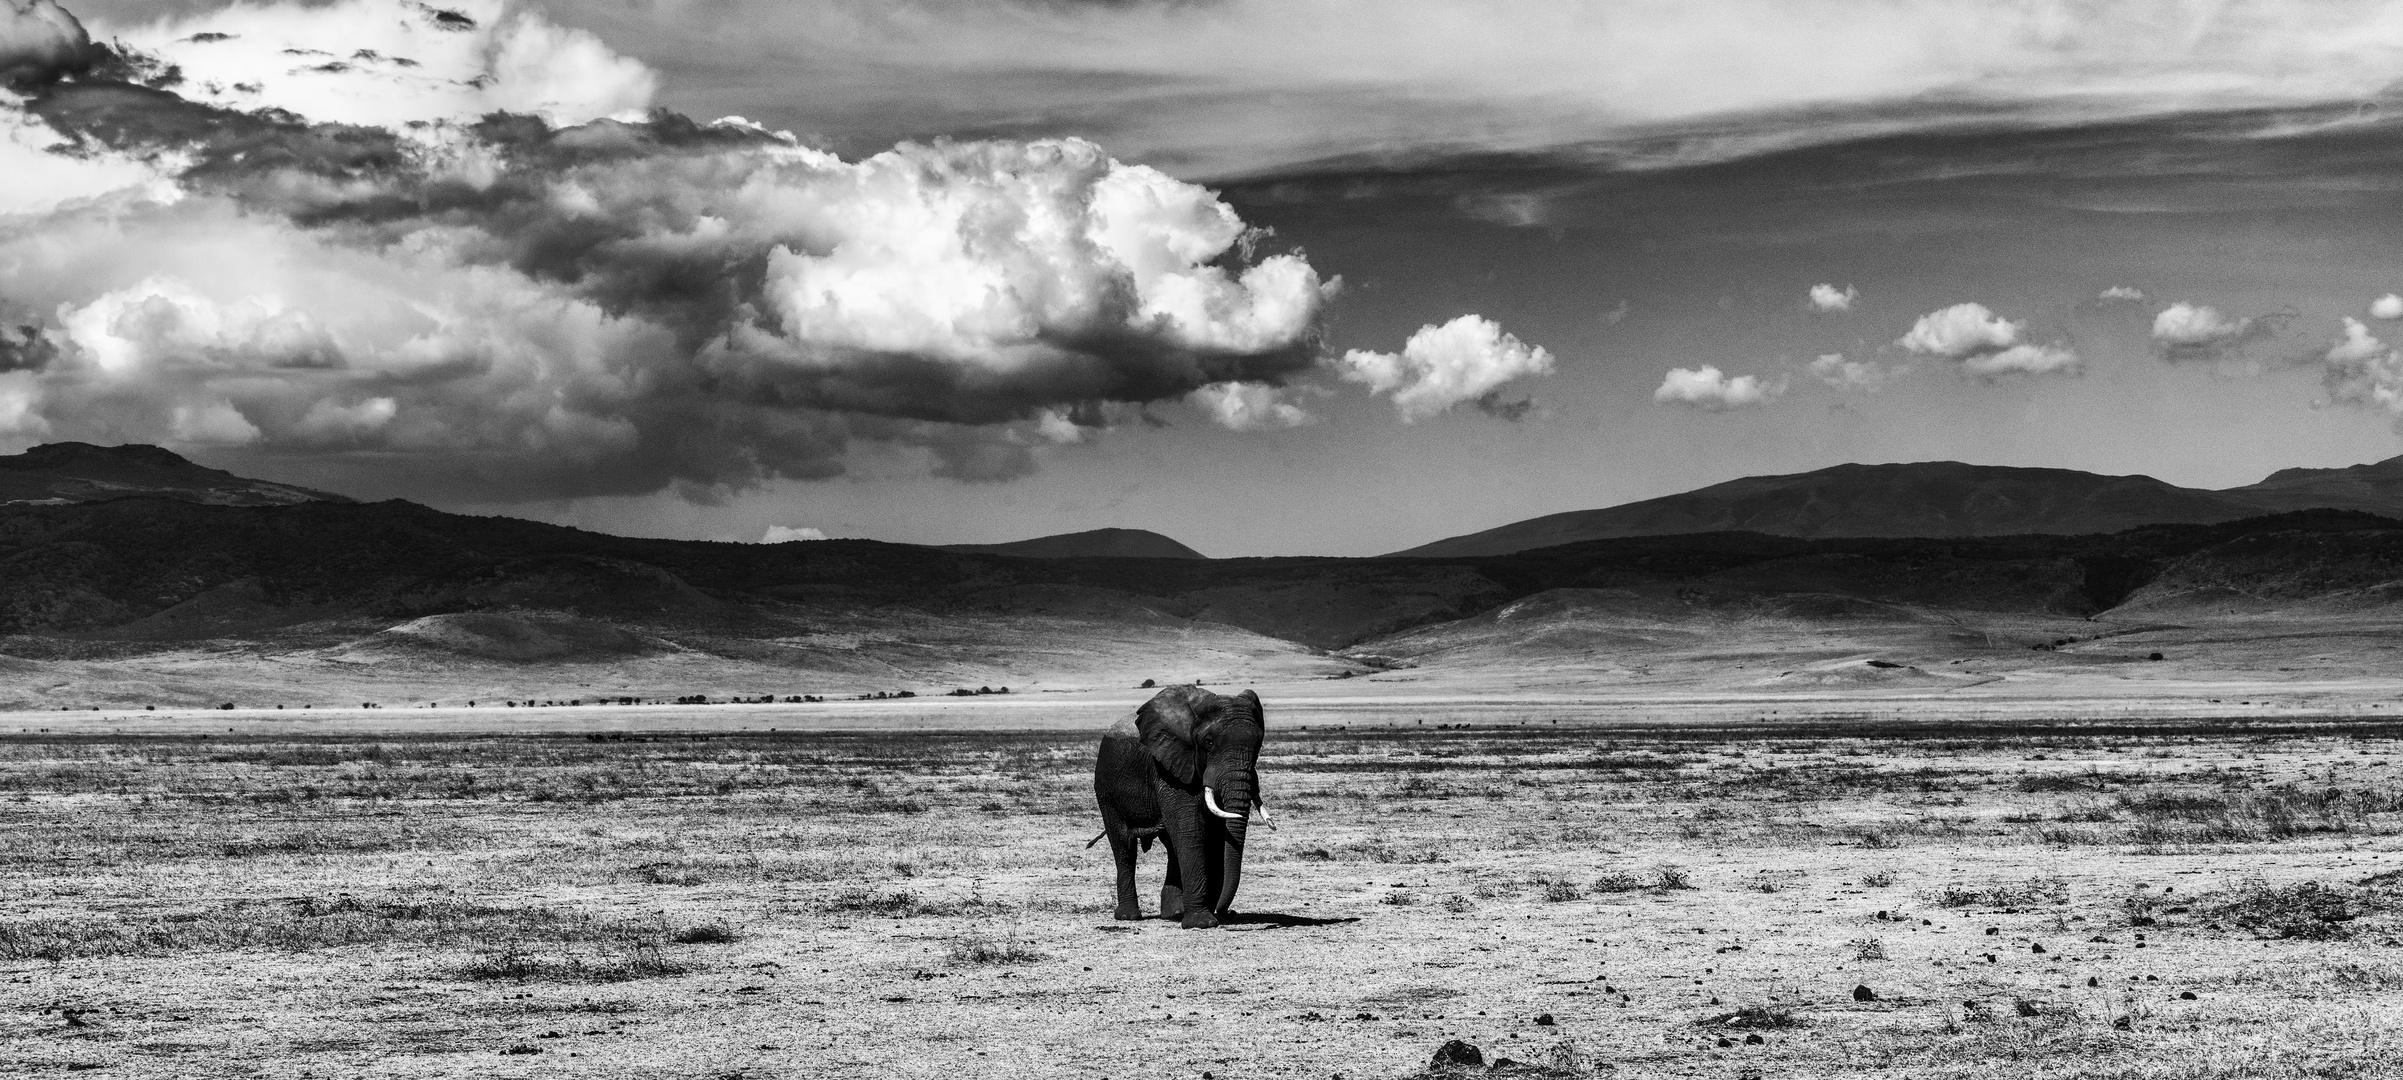 Elefant - mittig